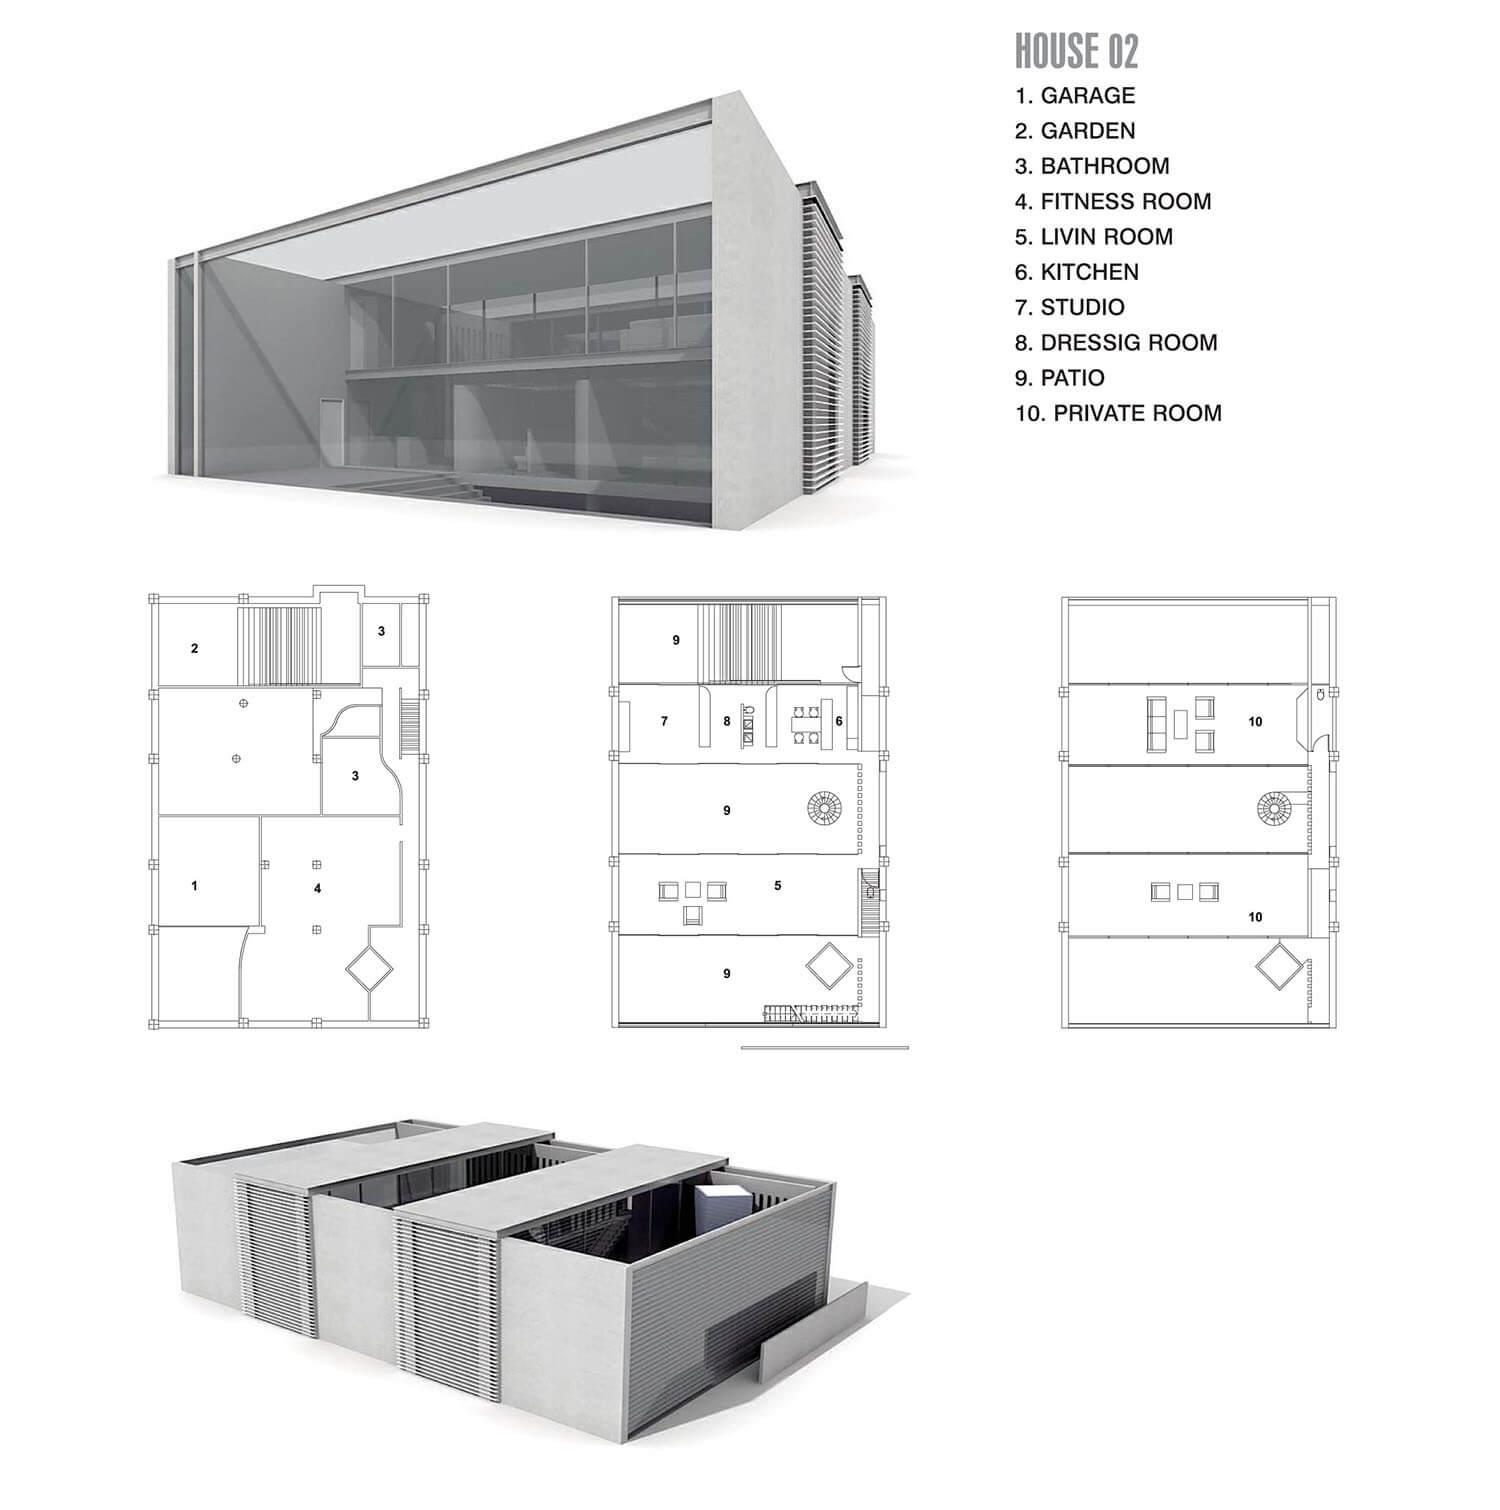 Nhà với các mảng kính lớn, đón ánh sáng và không gian